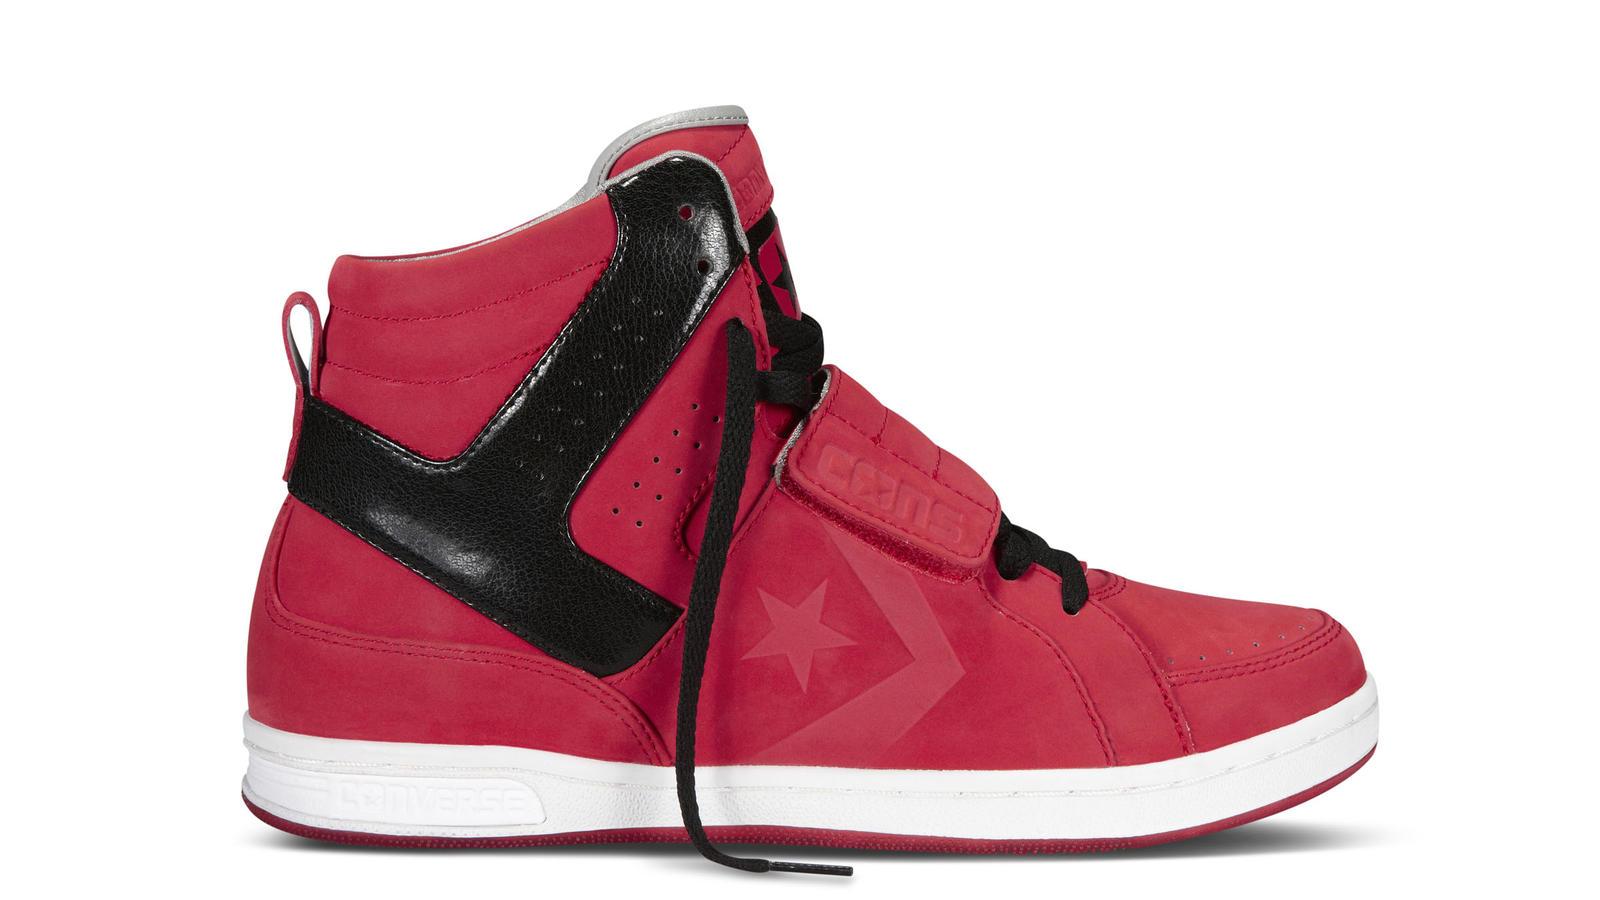 Converse CONS Sneaker Collection